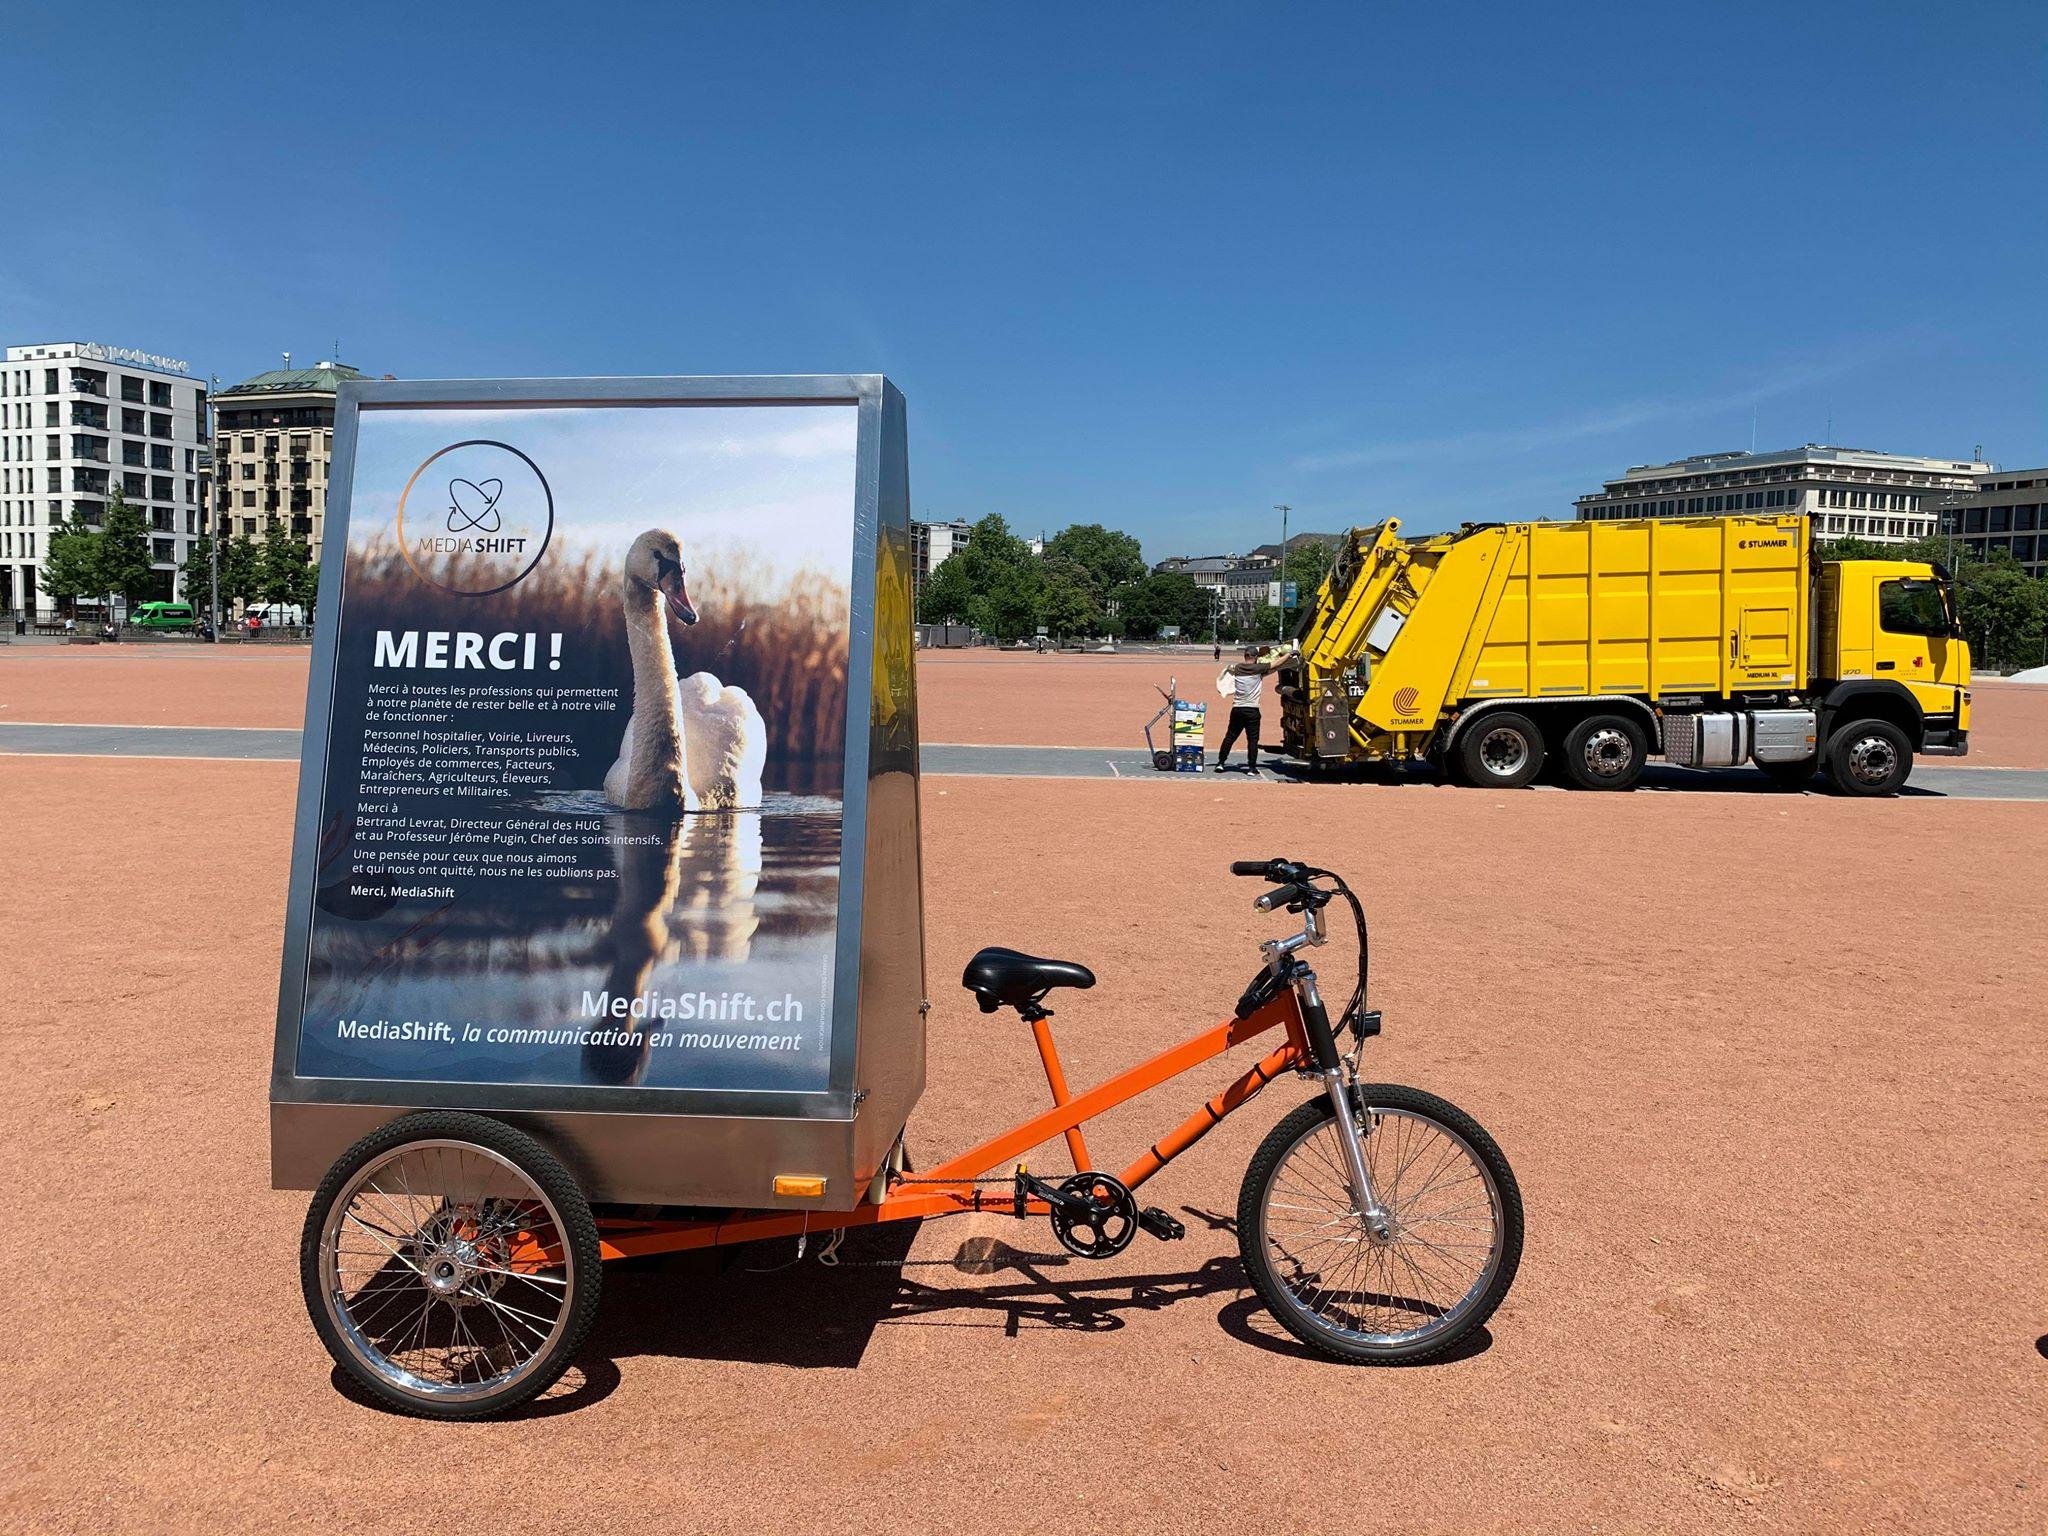 Vélo publicitaire écoresponsable  / vélopub MediaShift affichant des remerciements aux professions en première ligne pendant l'épisode COVID-19